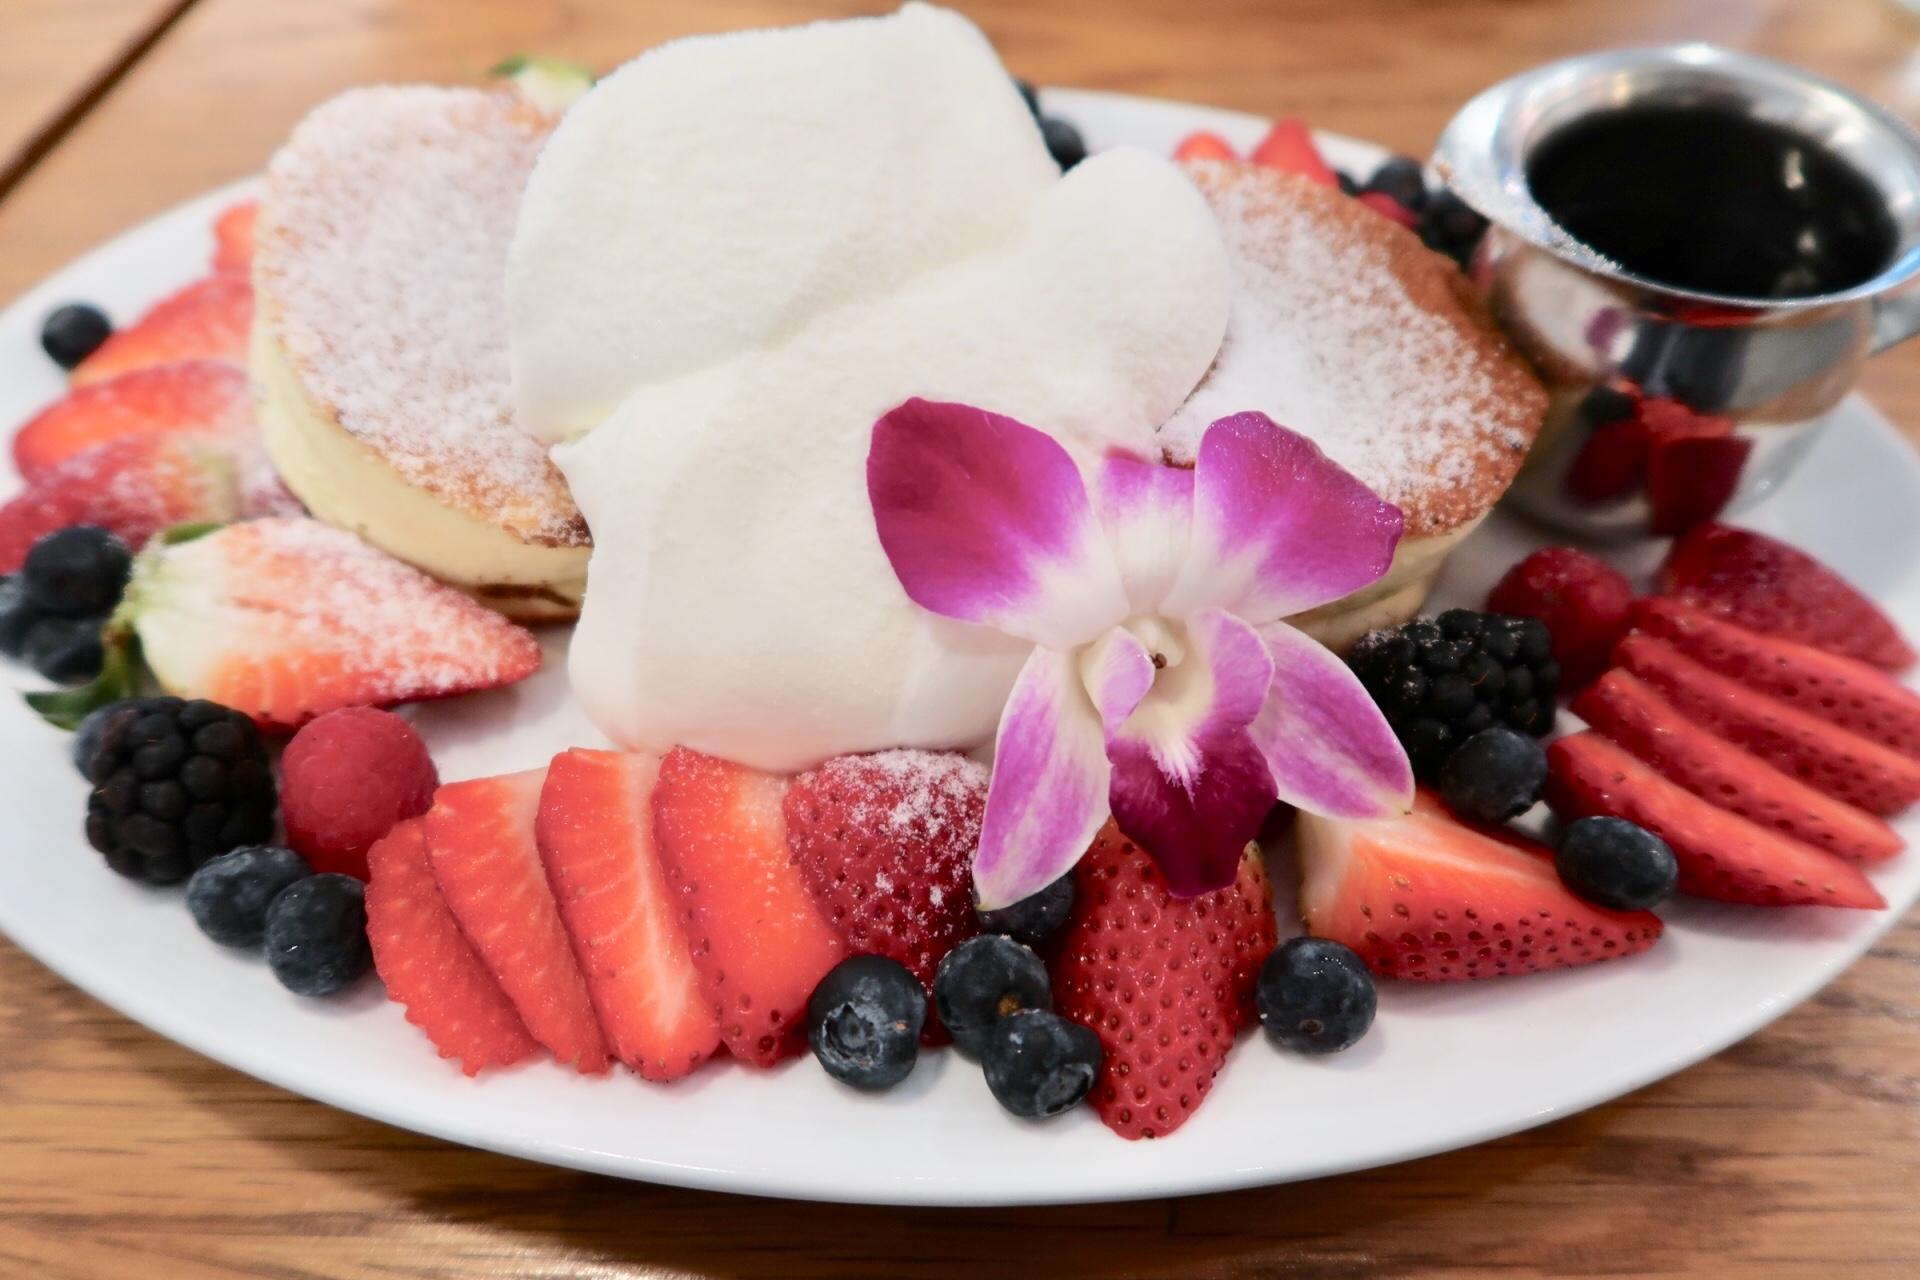 クリームポットのふわふわパンケーキが絶品!ハワイの人気カフェを紹介!